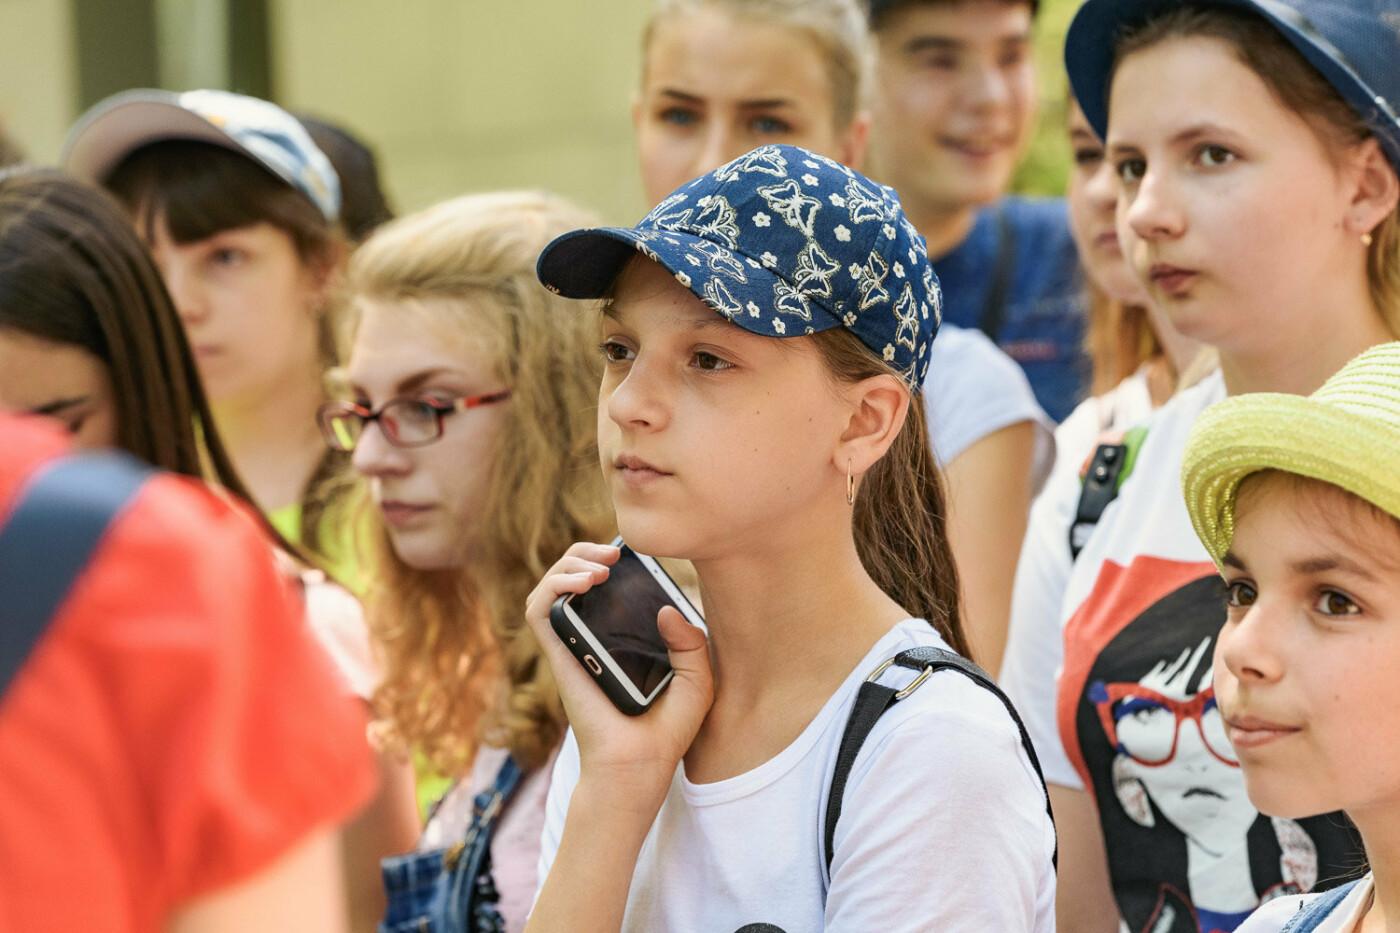 «Узнай Украину!»: стартовал проект с бесплатными экскурсиями для детей Донбасса , фото-2